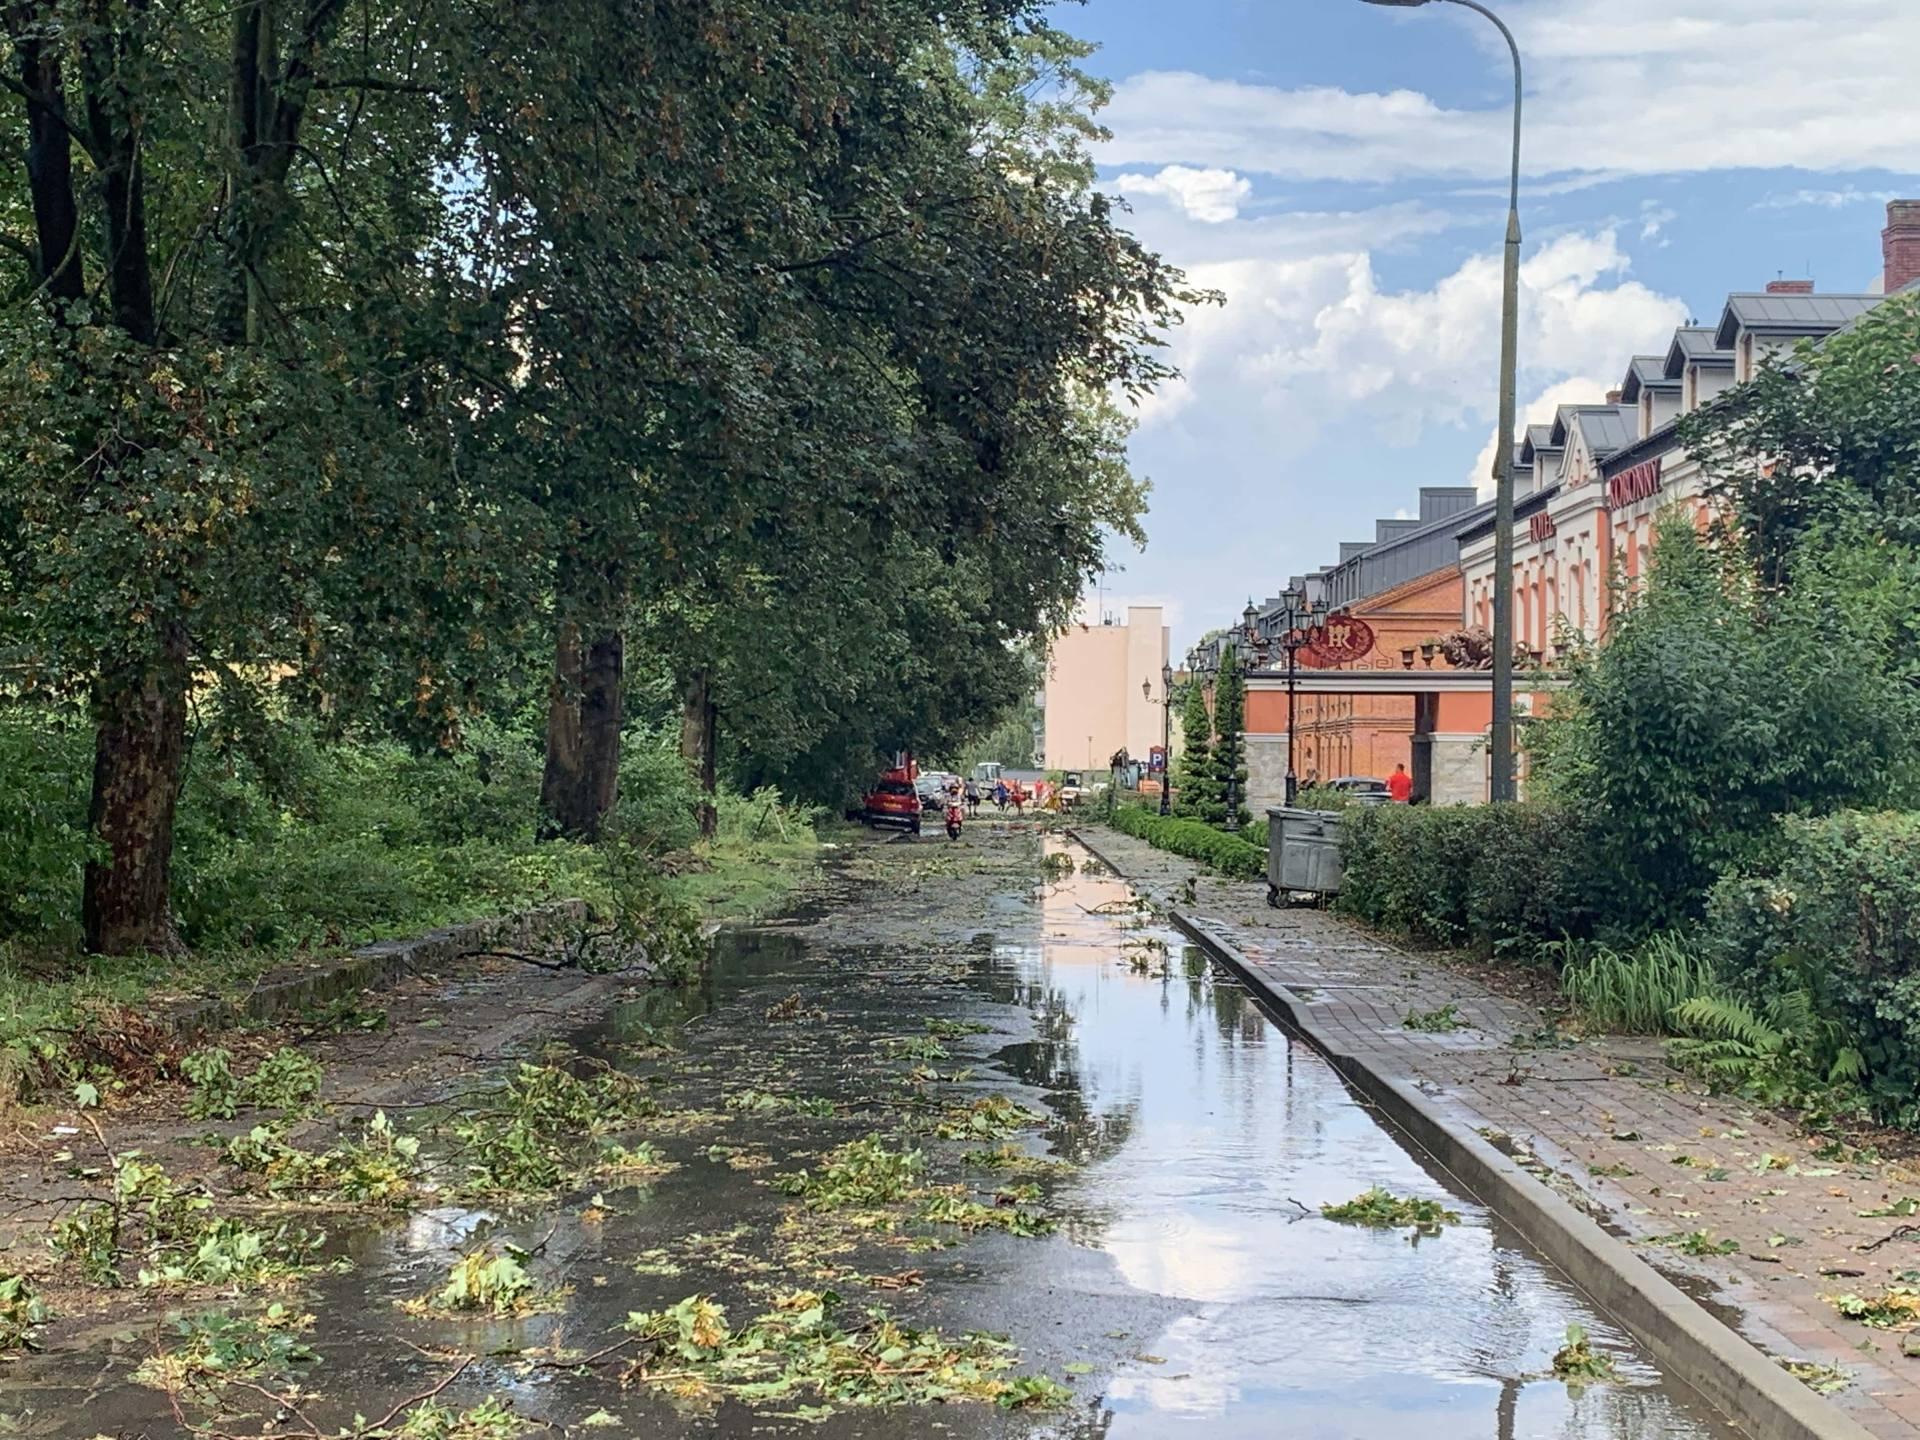 img 0967 Zerwane dachy, połamane drzewa, uszkodzone samochody. Straty po burzy, która przeszła nad Zamojszczyzną